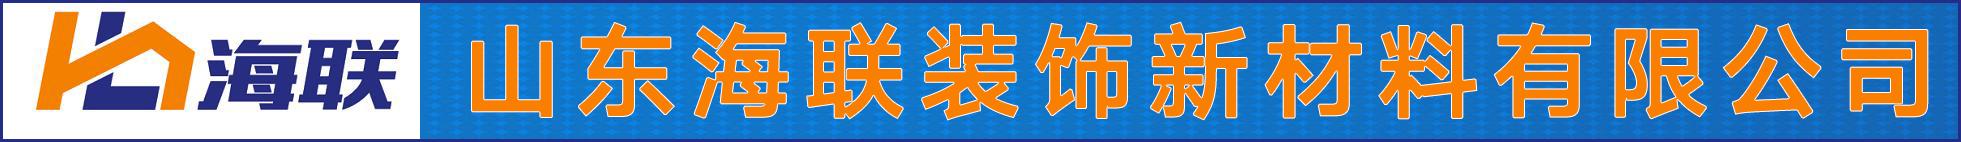 山东海联装饰材料有限责任公司